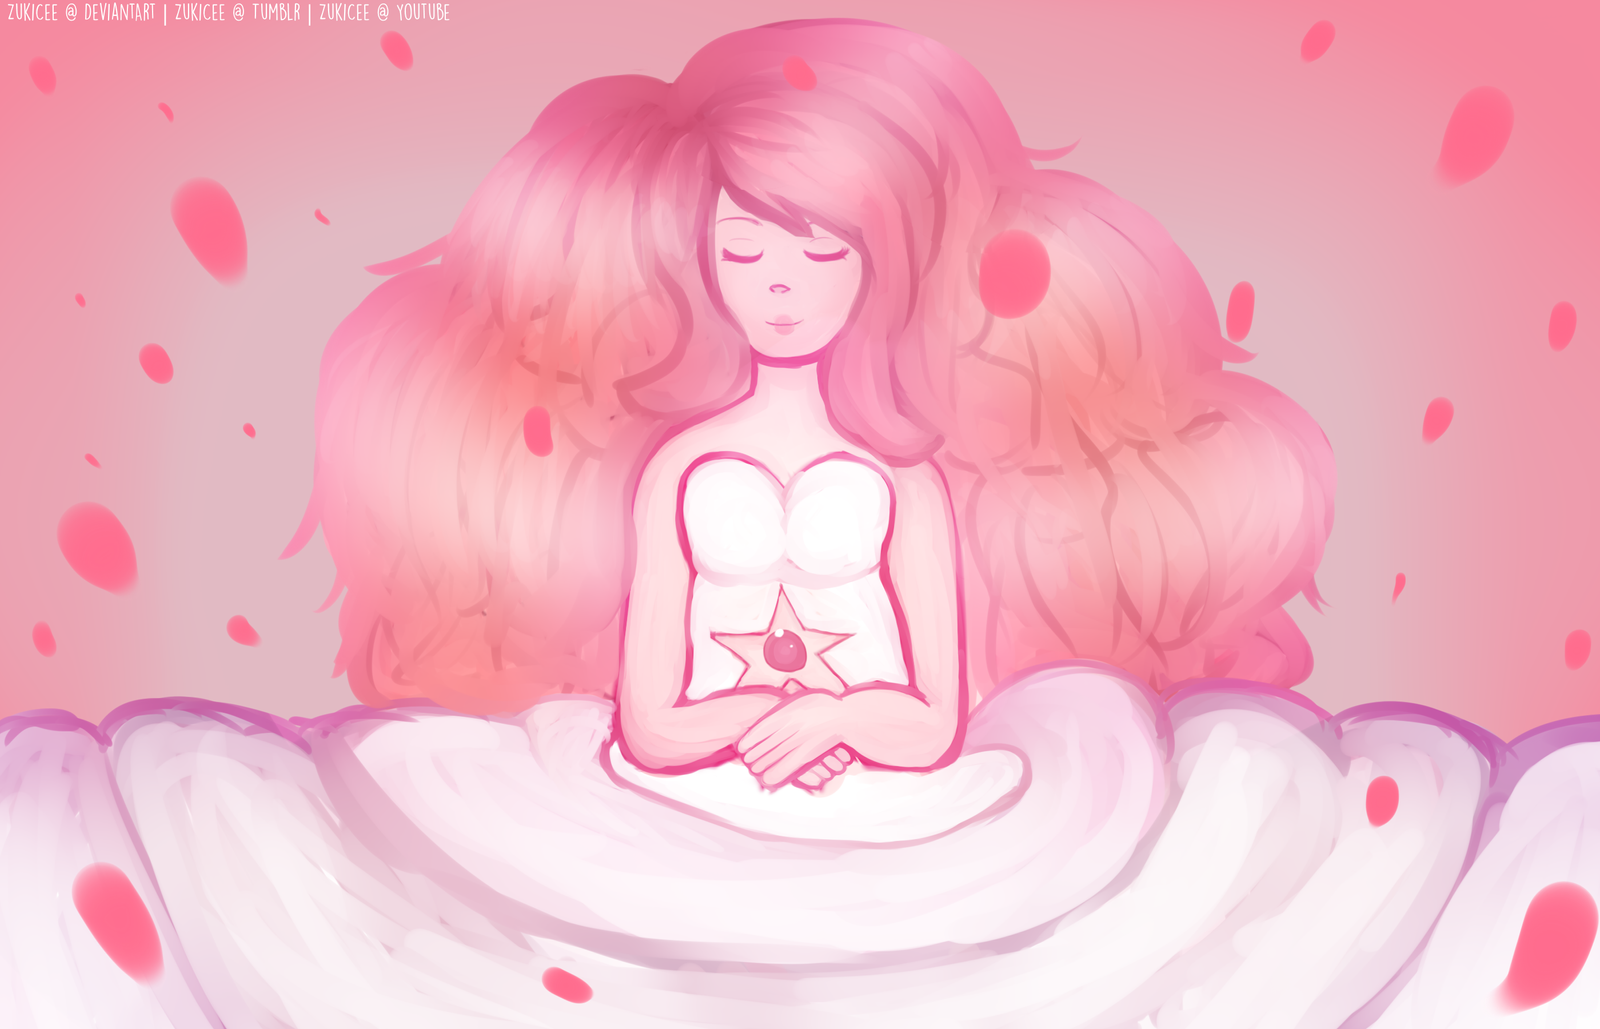 Fan art steven universe rose quartz by zukicee on - Rose quartz steven universe wallpaper ...